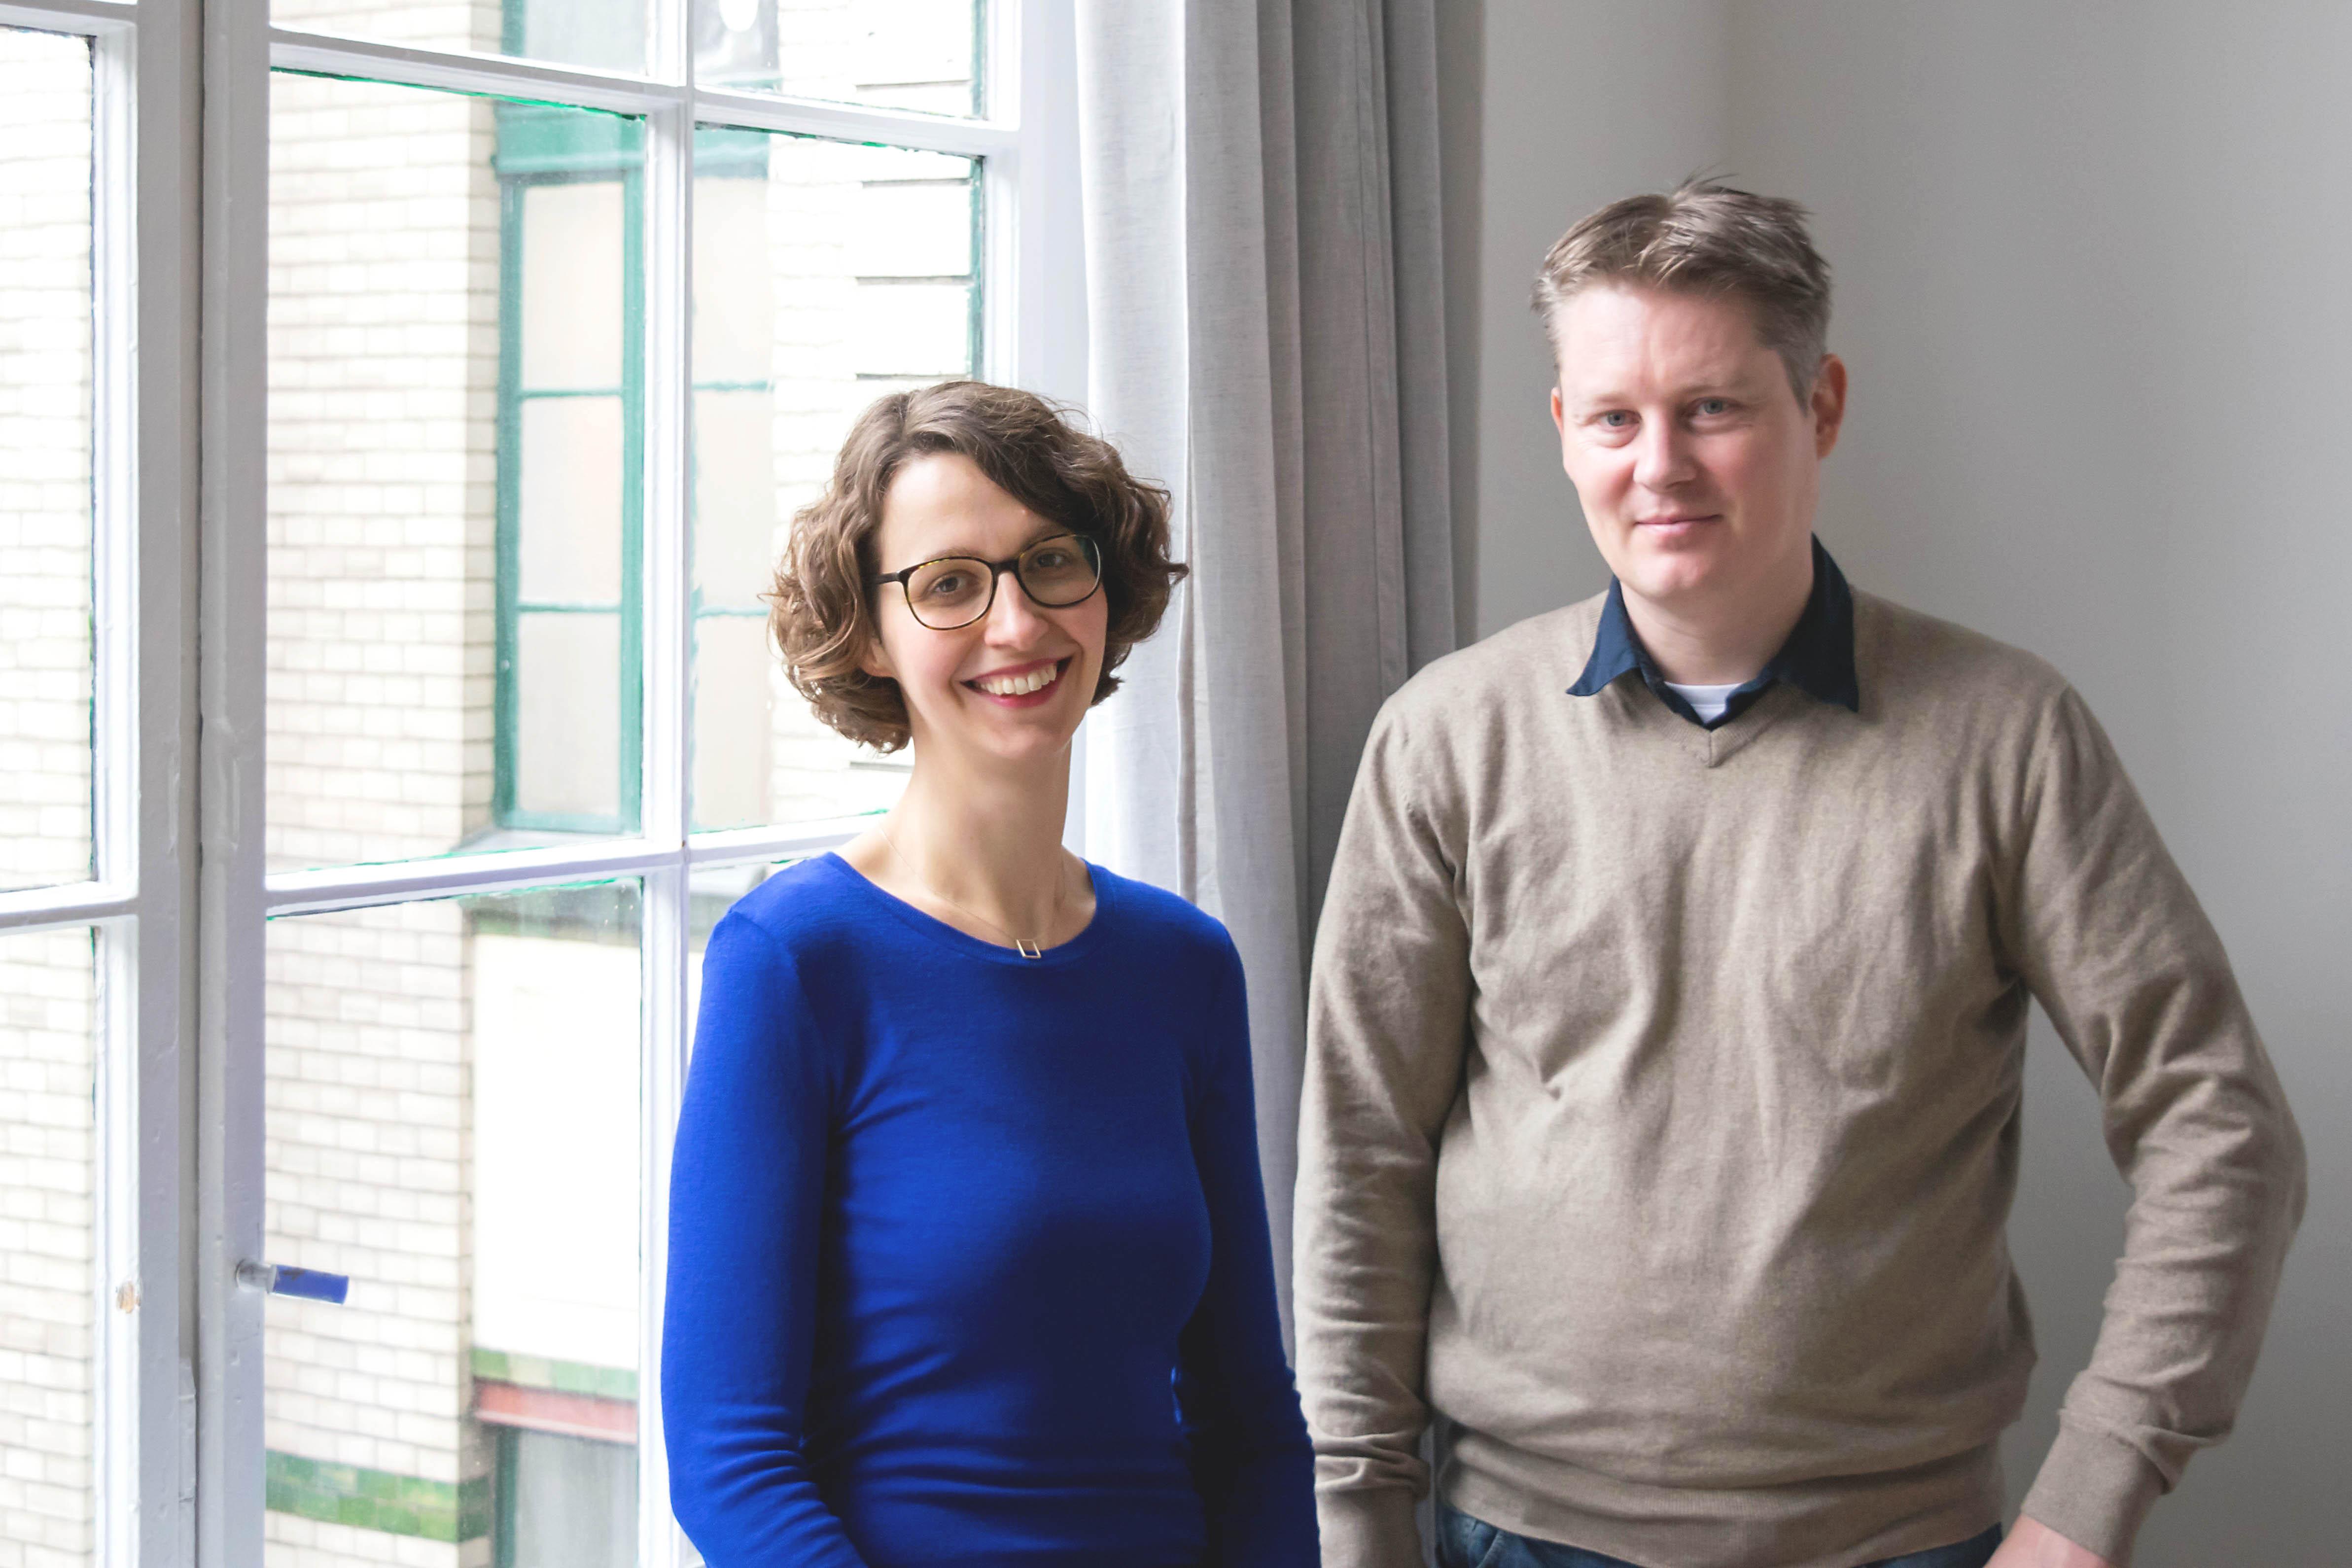 Sally Ollech (links) und René Kuhlemann (rechts) stehen in einem hellen Büro von Diversicon und lächeln in die Kamera.